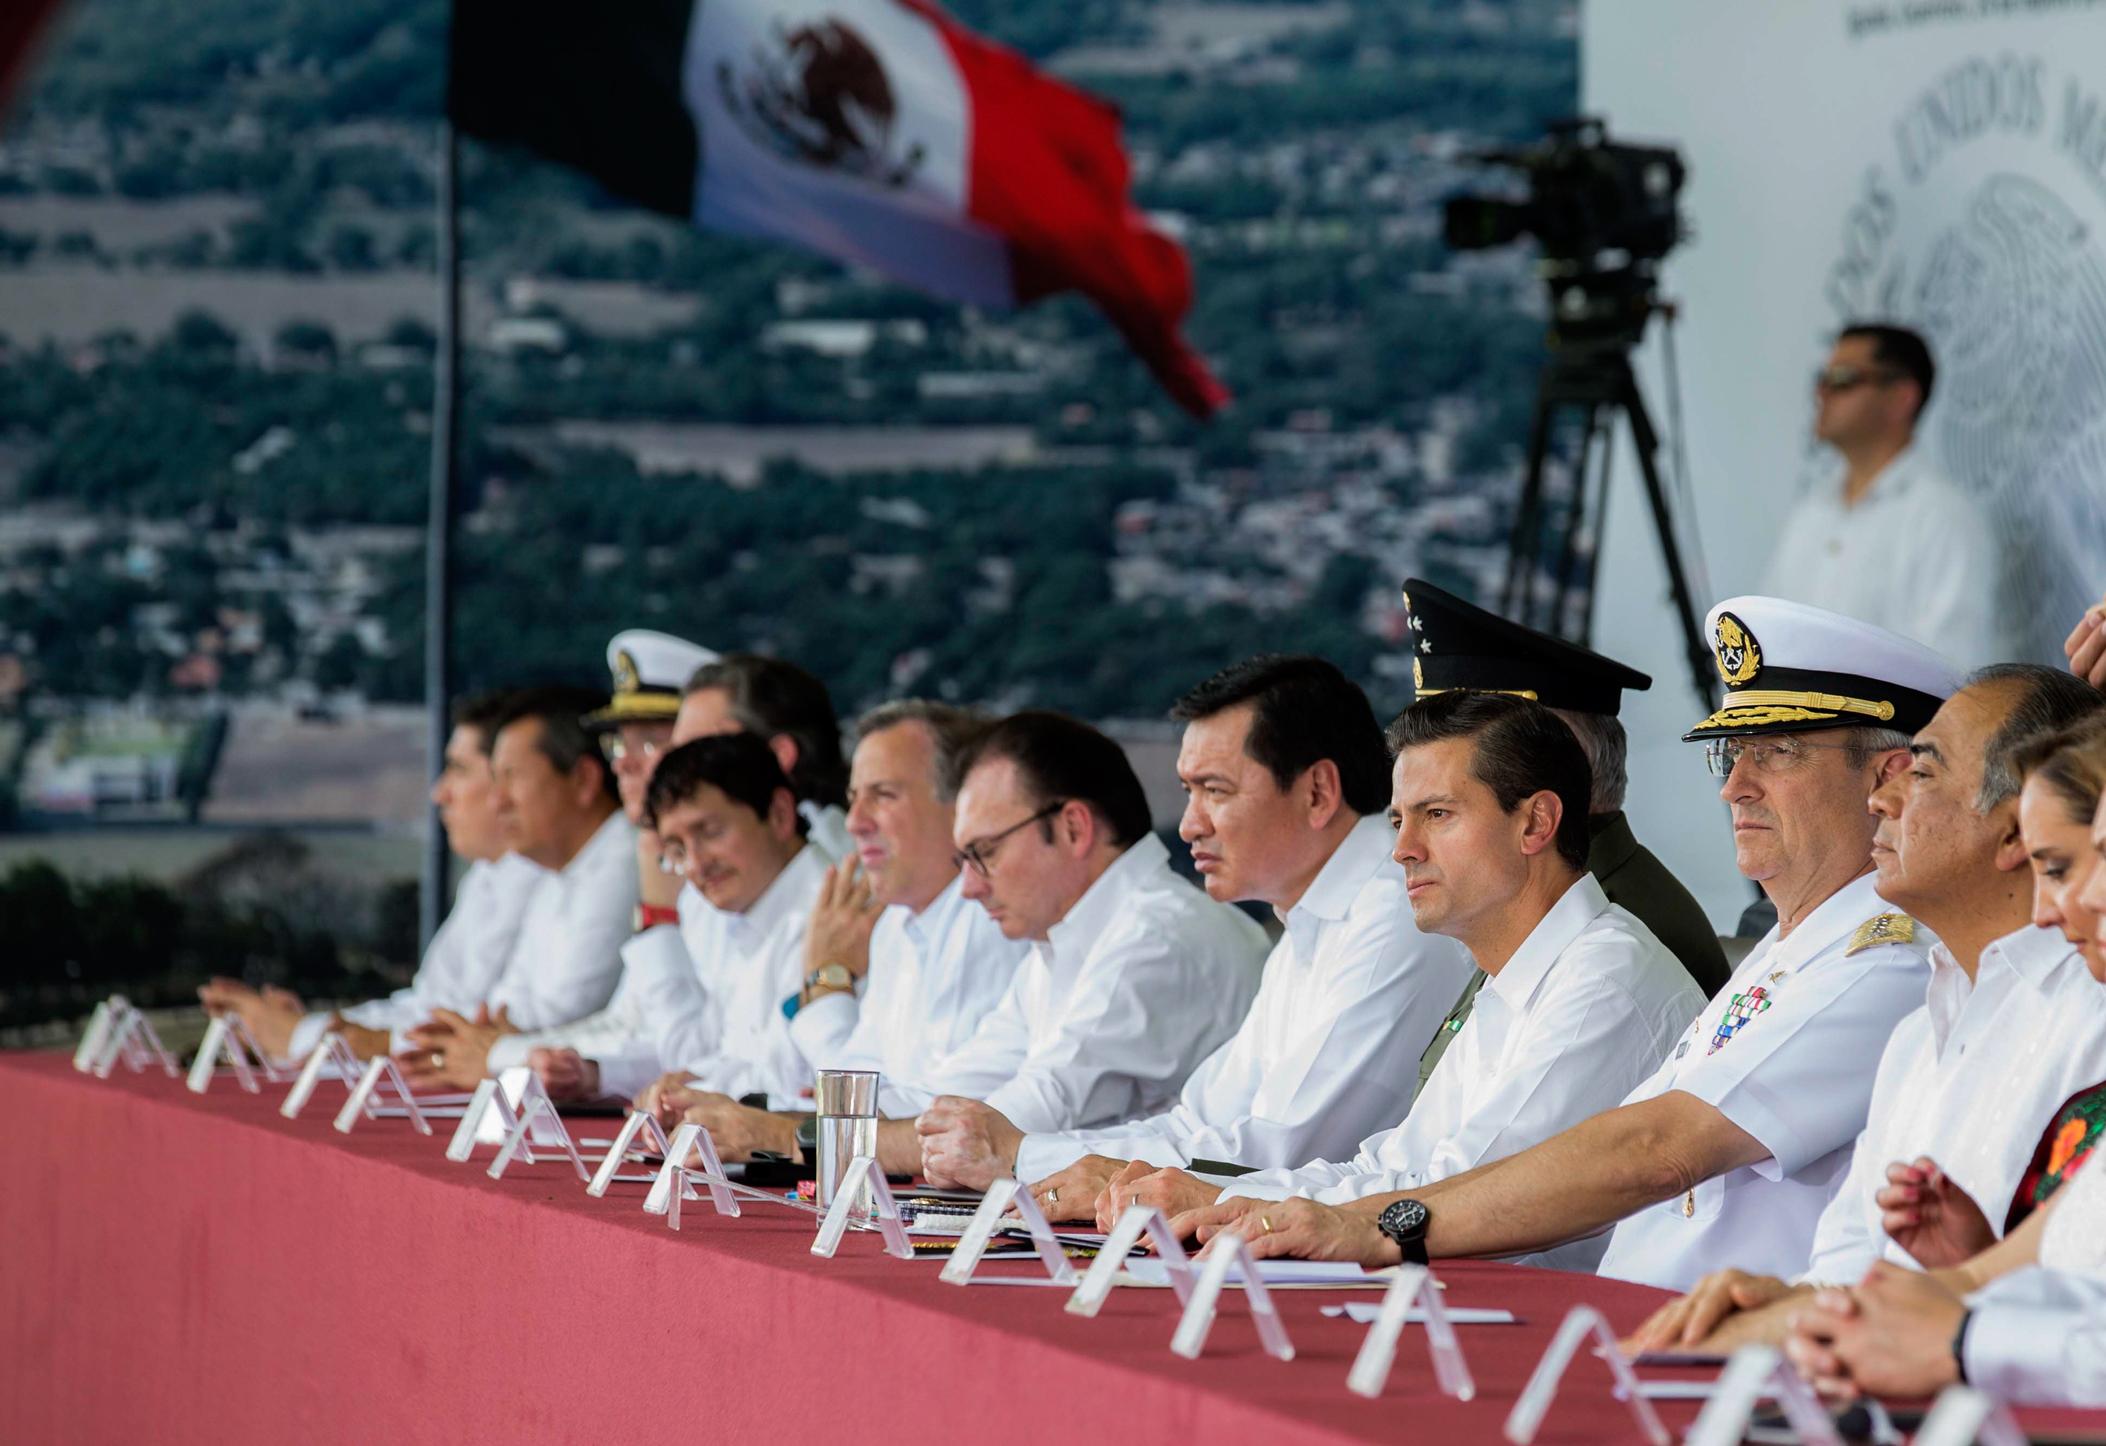 Para los mexicanos y para los guerrerenses, el Himno y la Bandera son la genuina expresión de nuestro nacionalismo, señaló el Gobernador de Guerrero, Héctor Astudillo Flores.